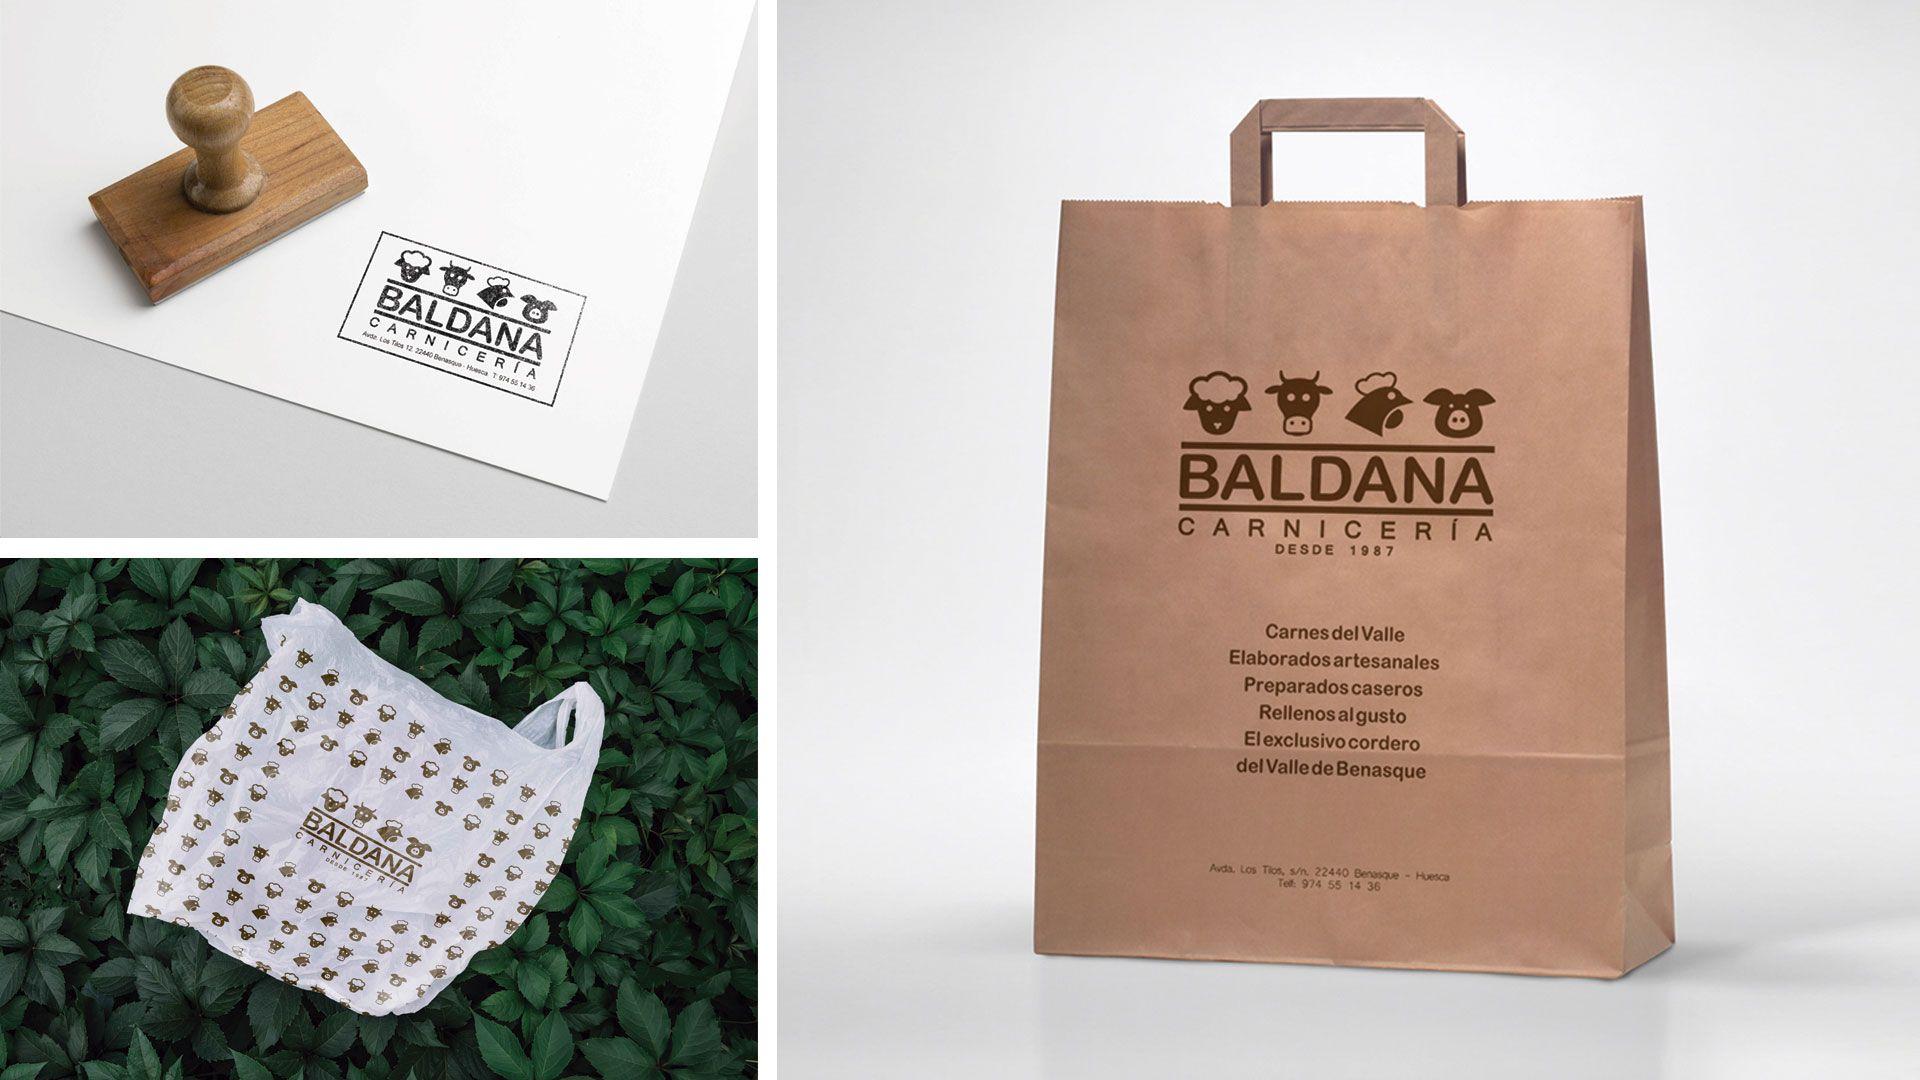 Bolsas personalizadas carnicería Baldana